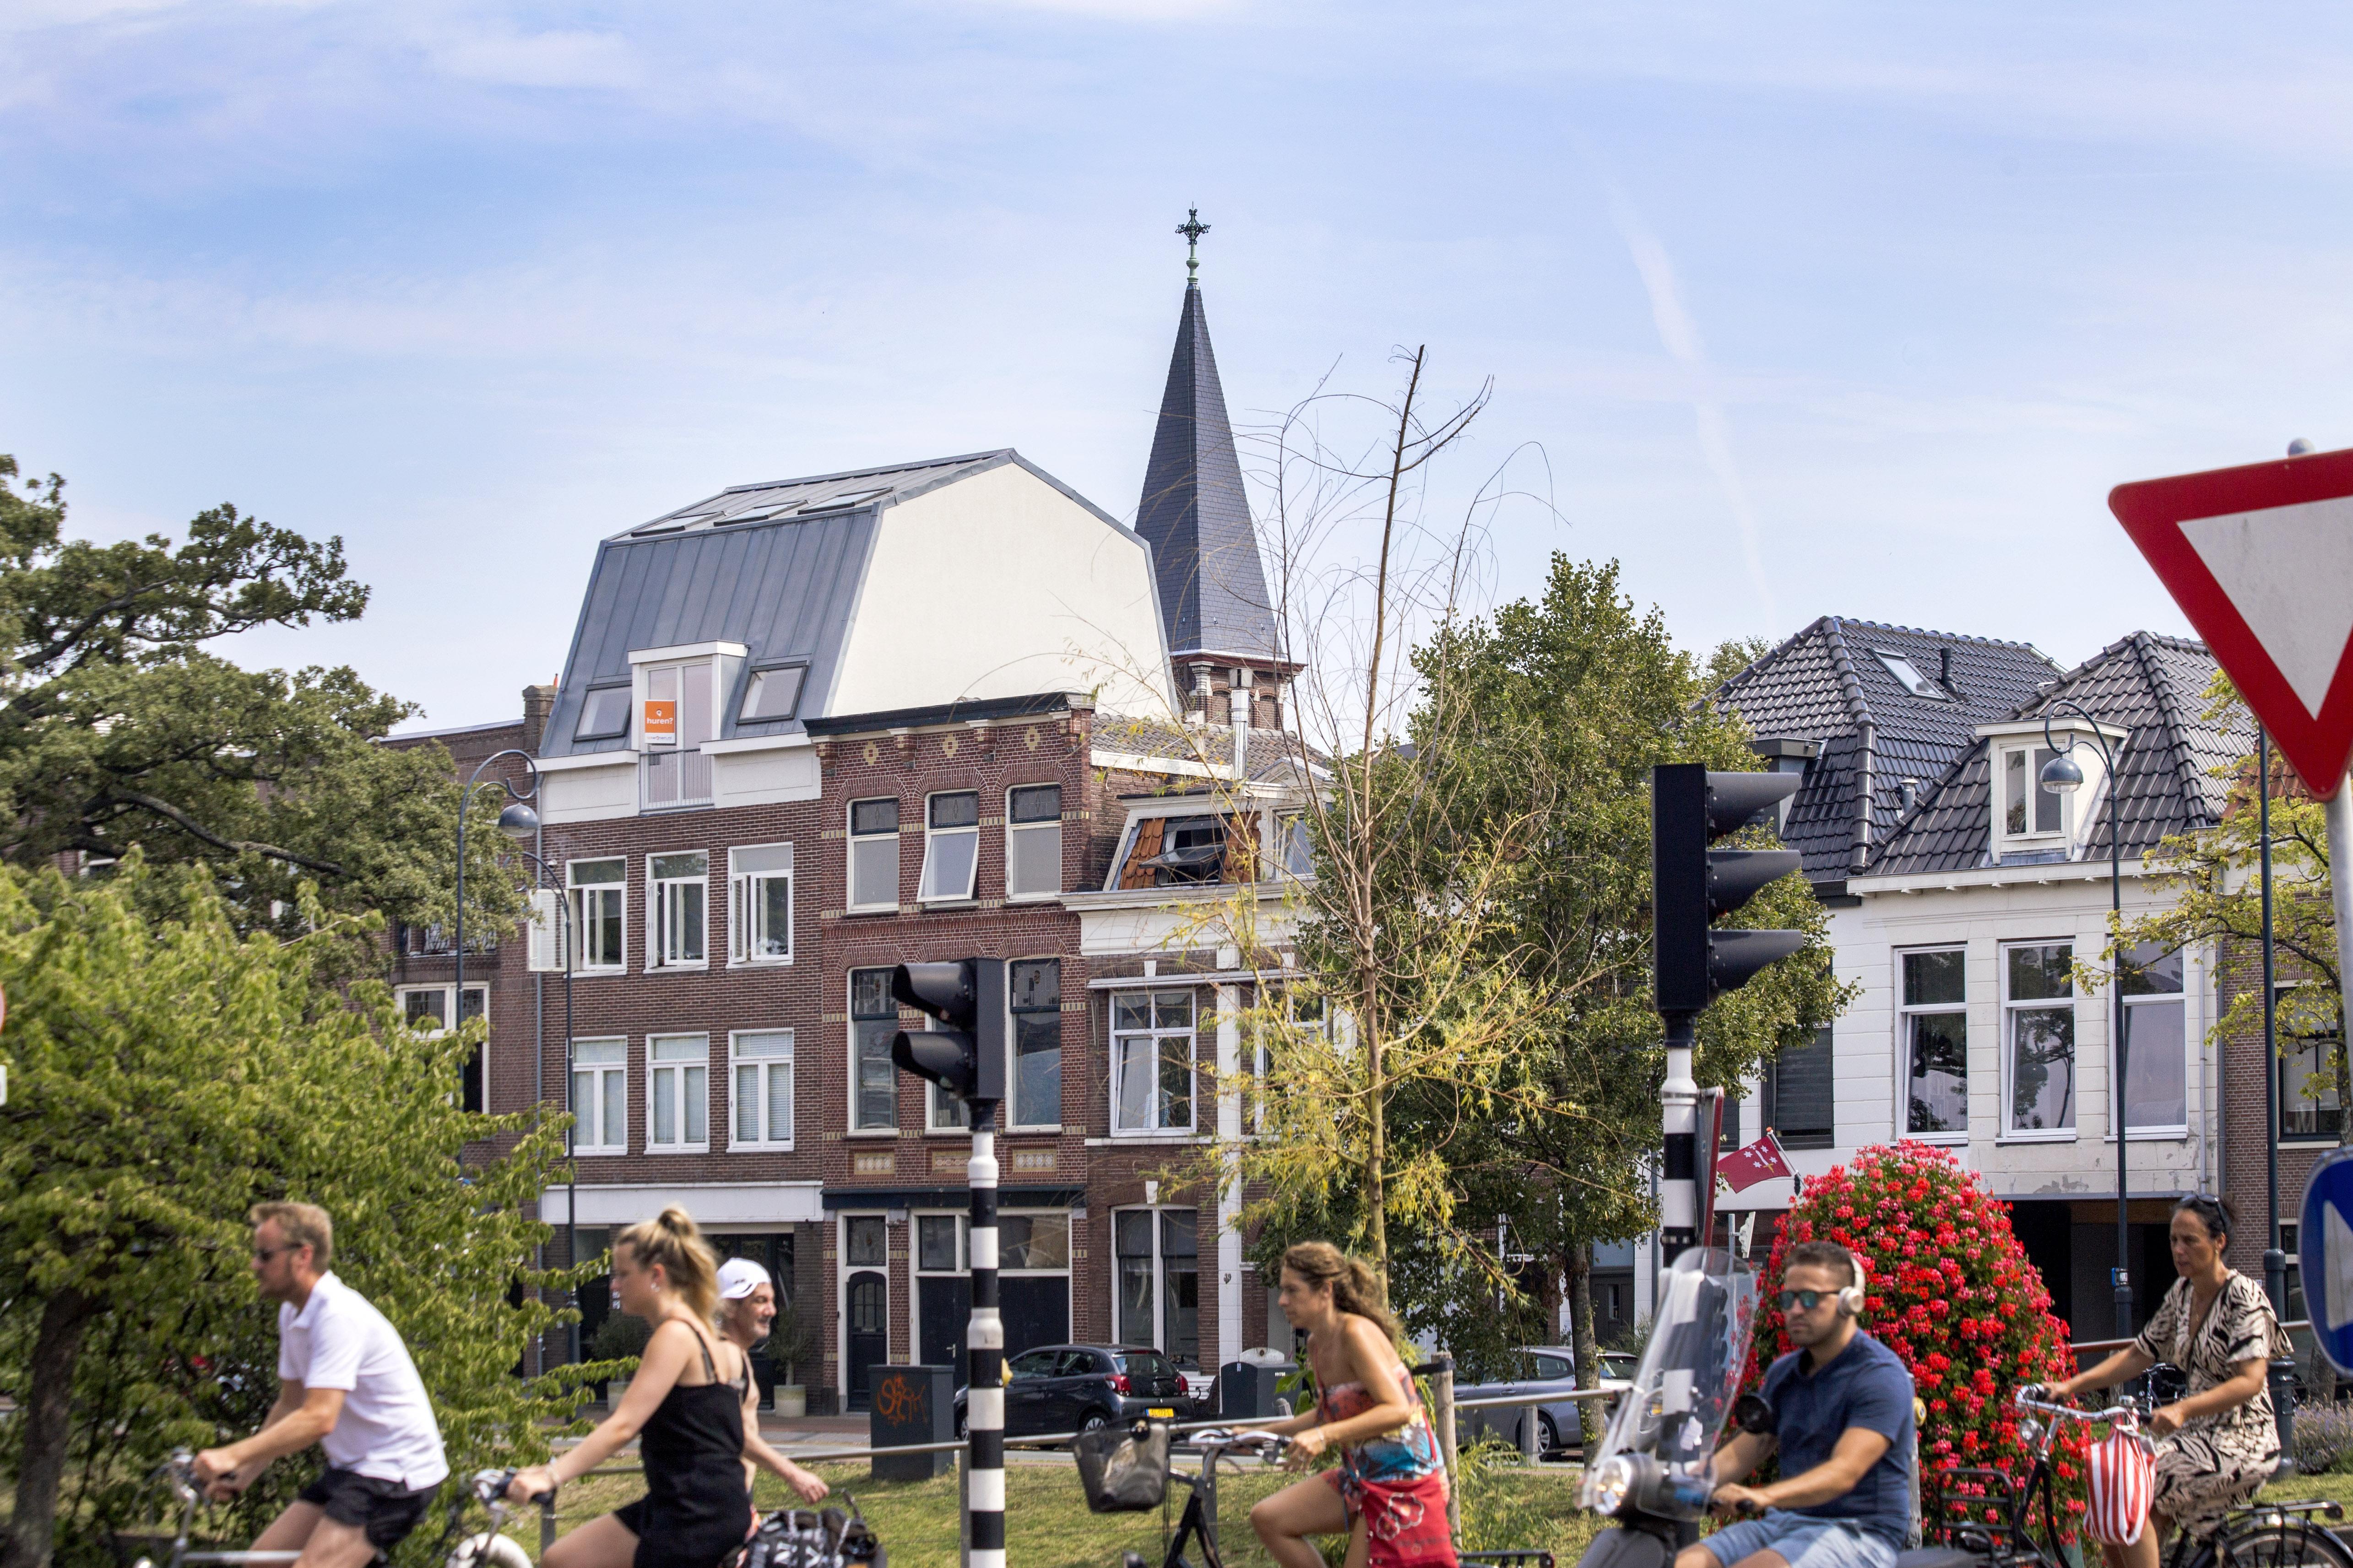 Beroering in Haarlemse hofjes: gemeente laat beschermd stadsgezicht verdwijnen achter lelijke dakopbouwen